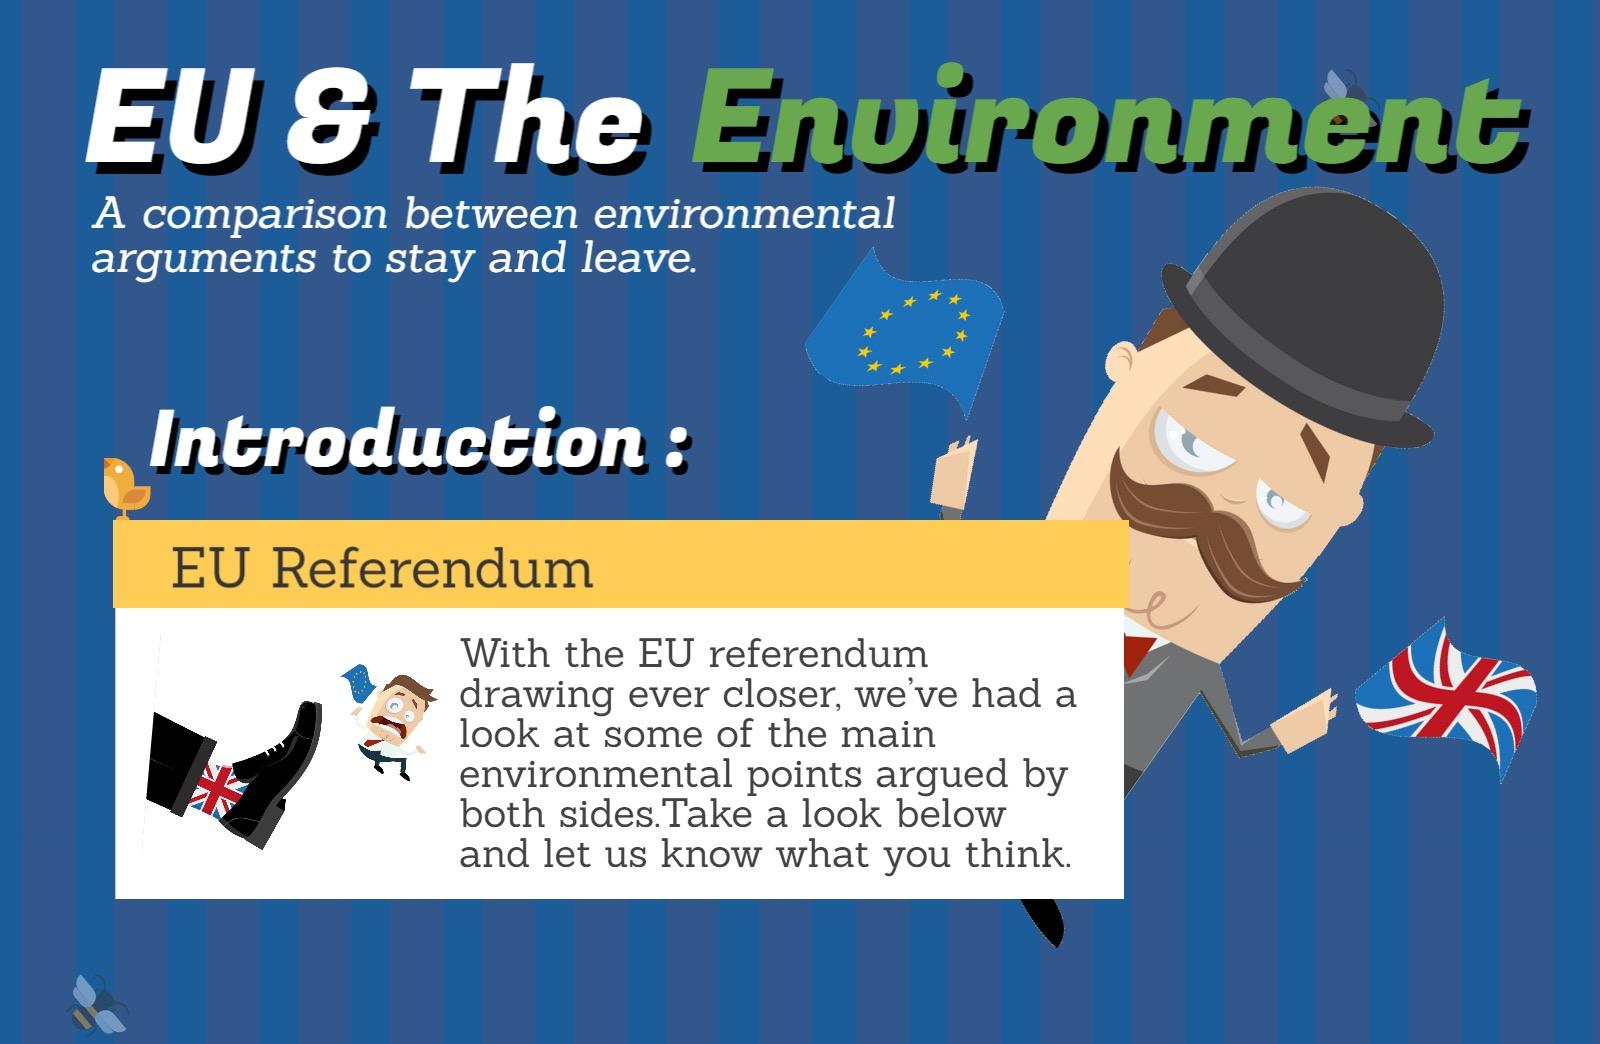 eu-ref-environment